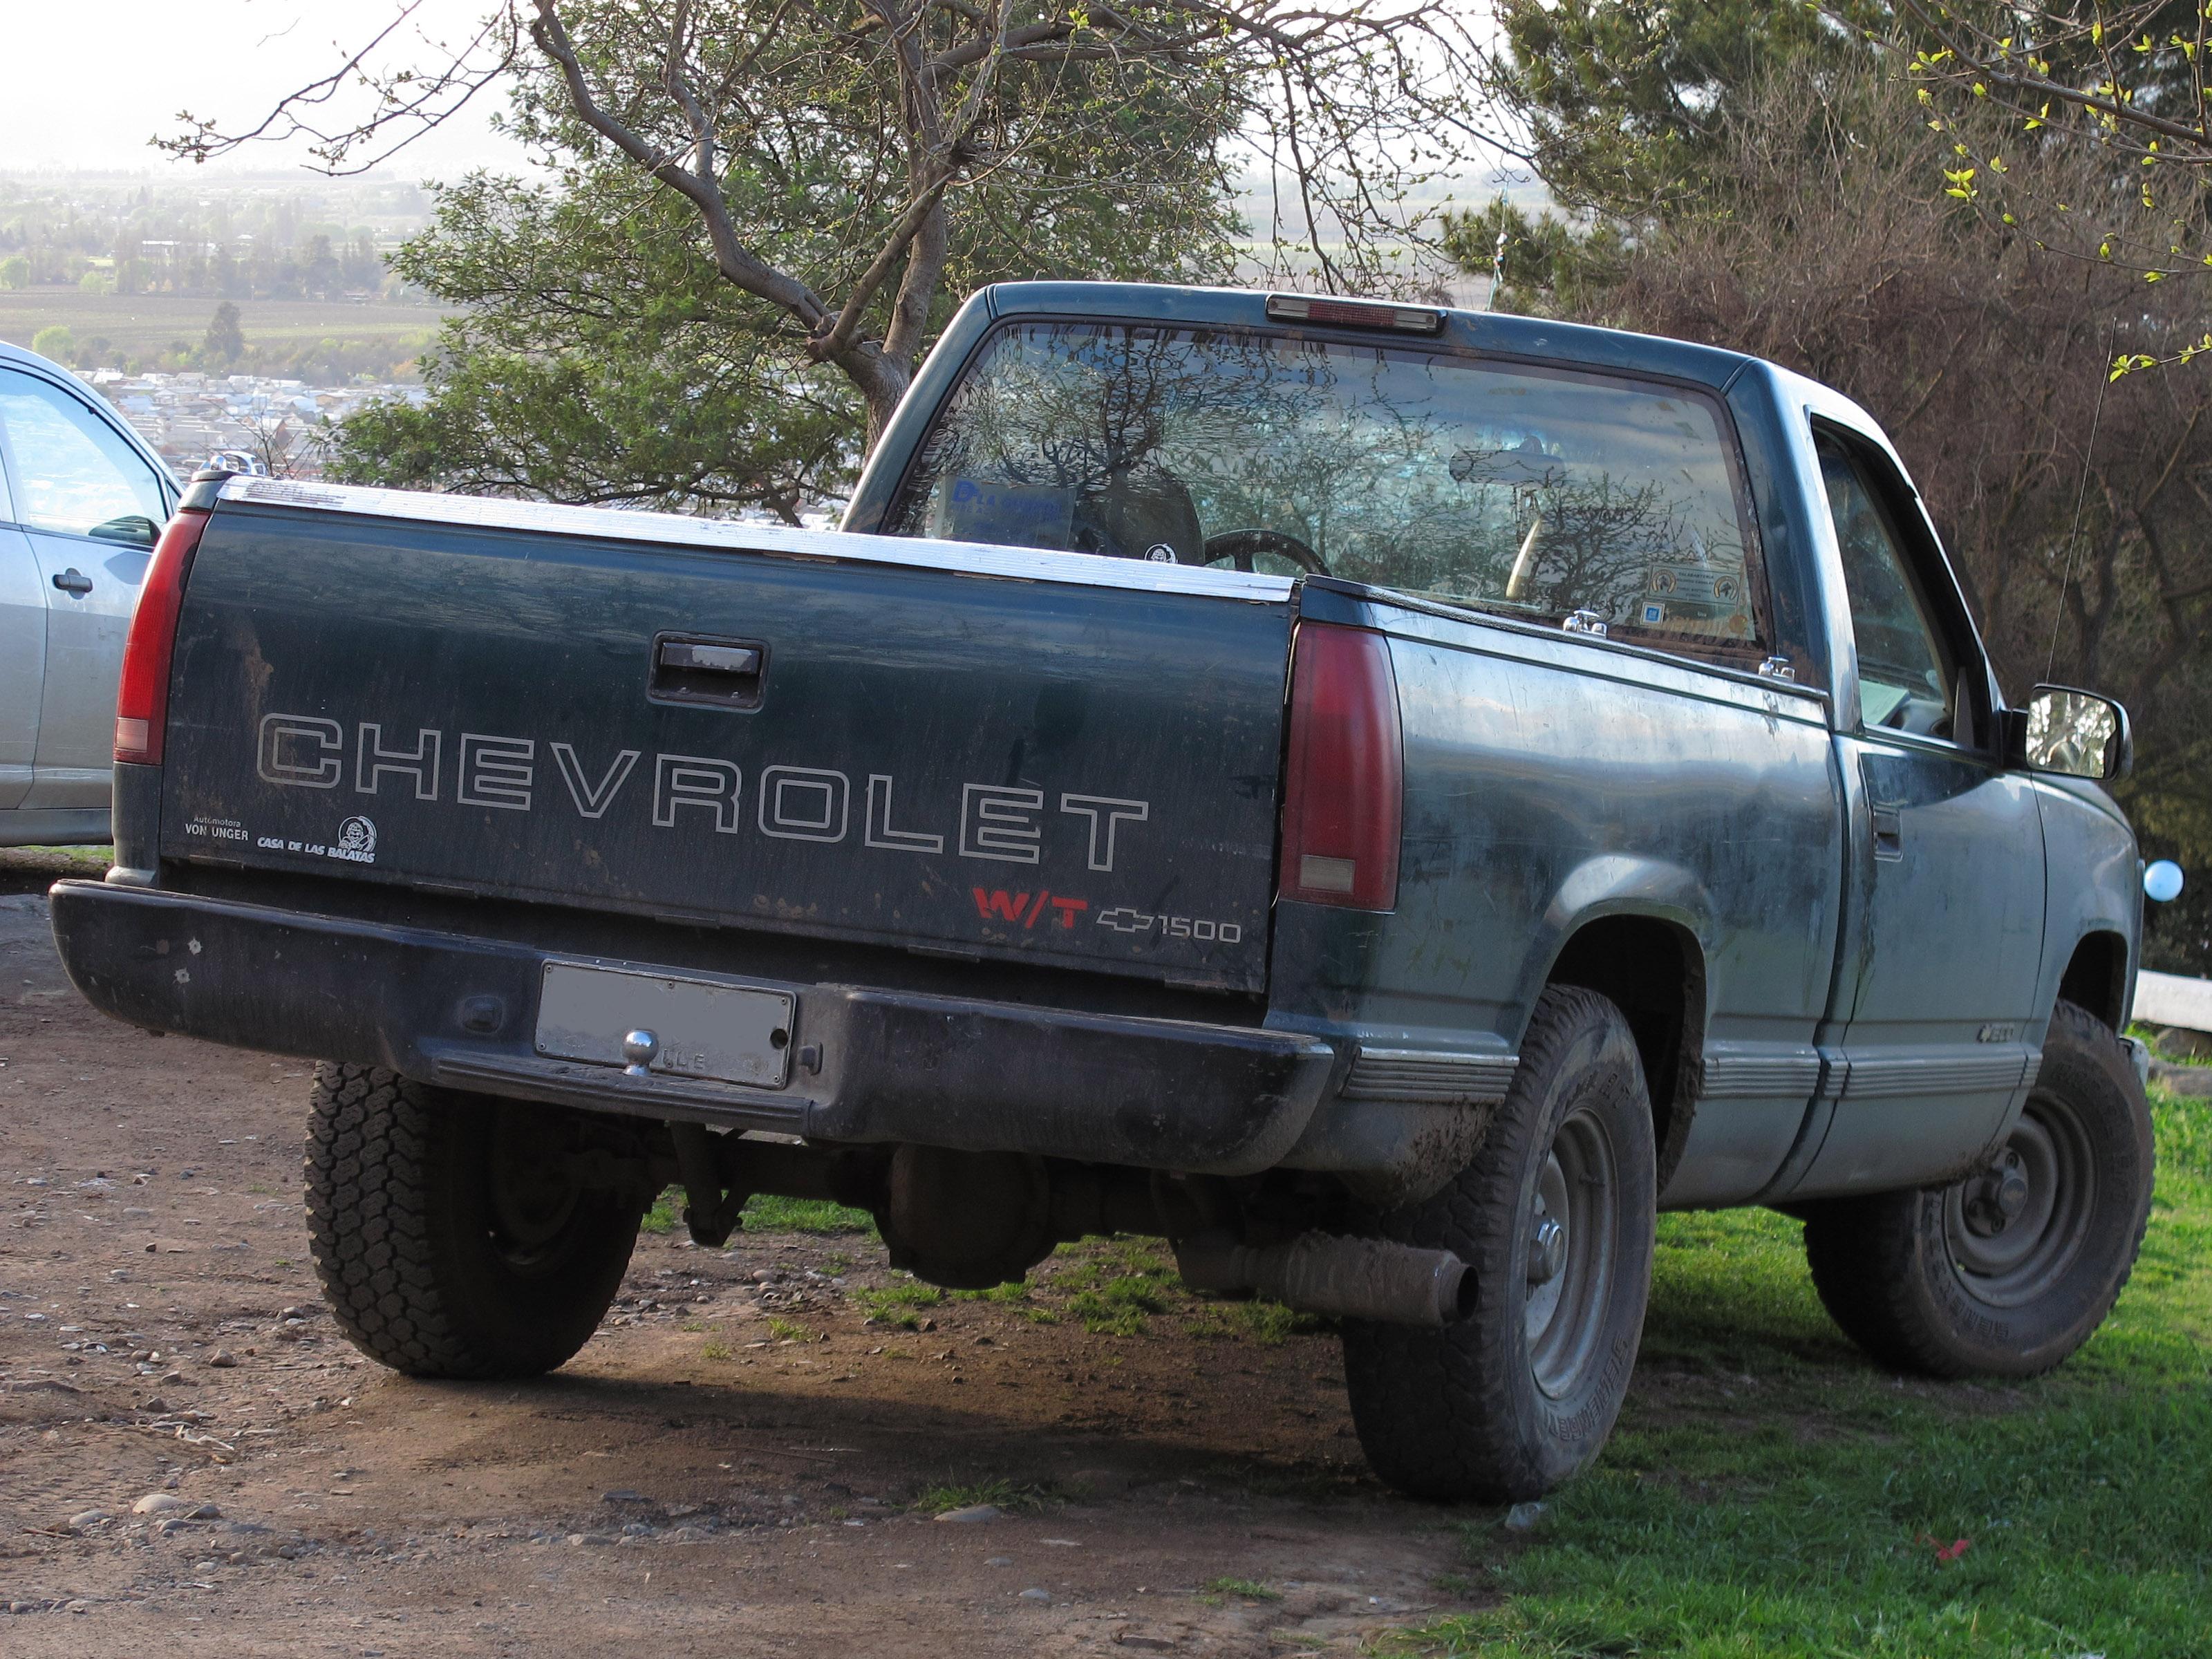 File:Chevrolet 1500 Work Truck 1996 (15228703042).jpg